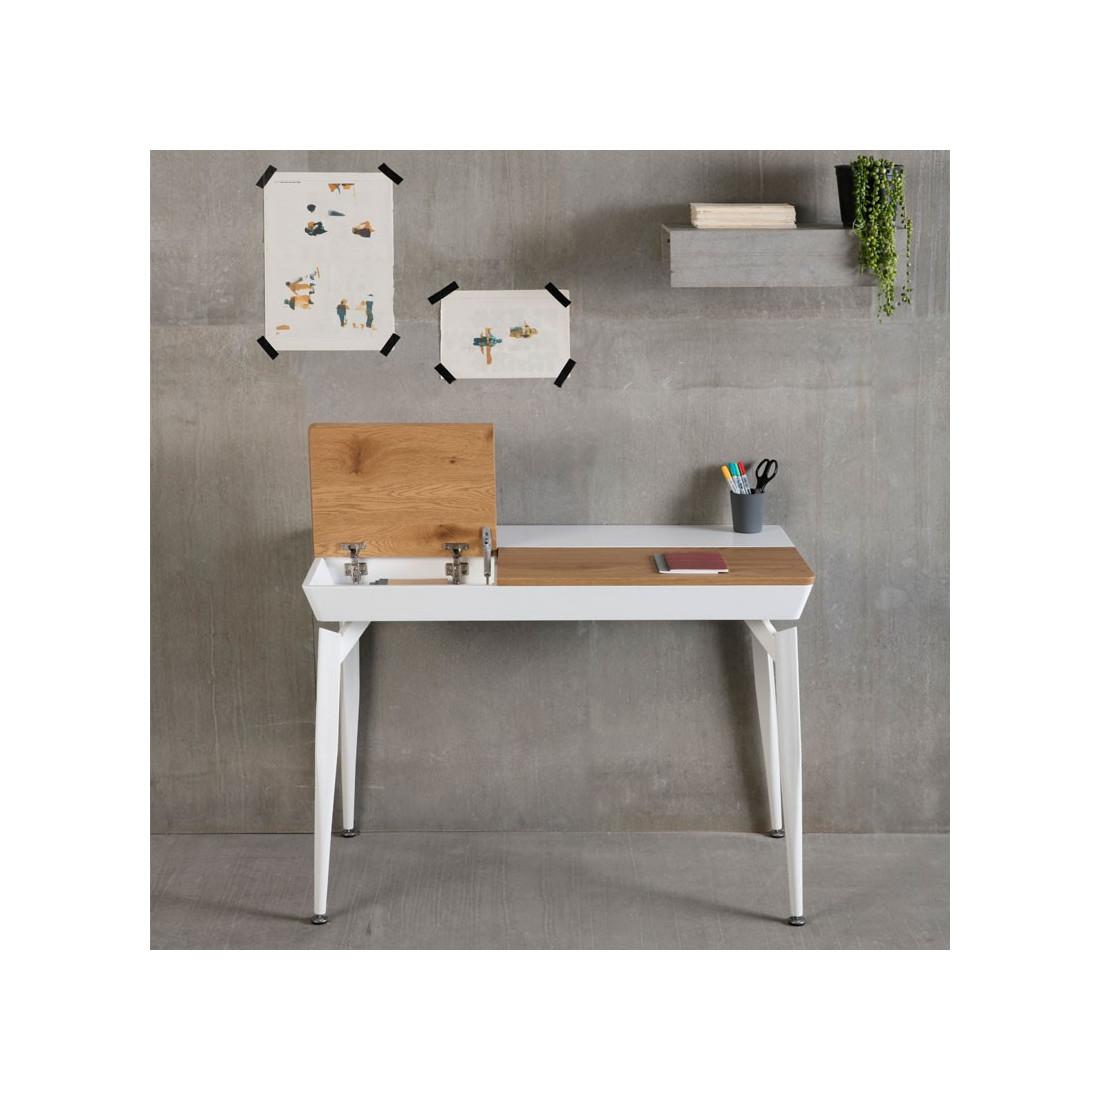 bureau blanc avec abattants en bois huelva univers du bureau. Black Bedroom Furniture Sets. Home Design Ideas